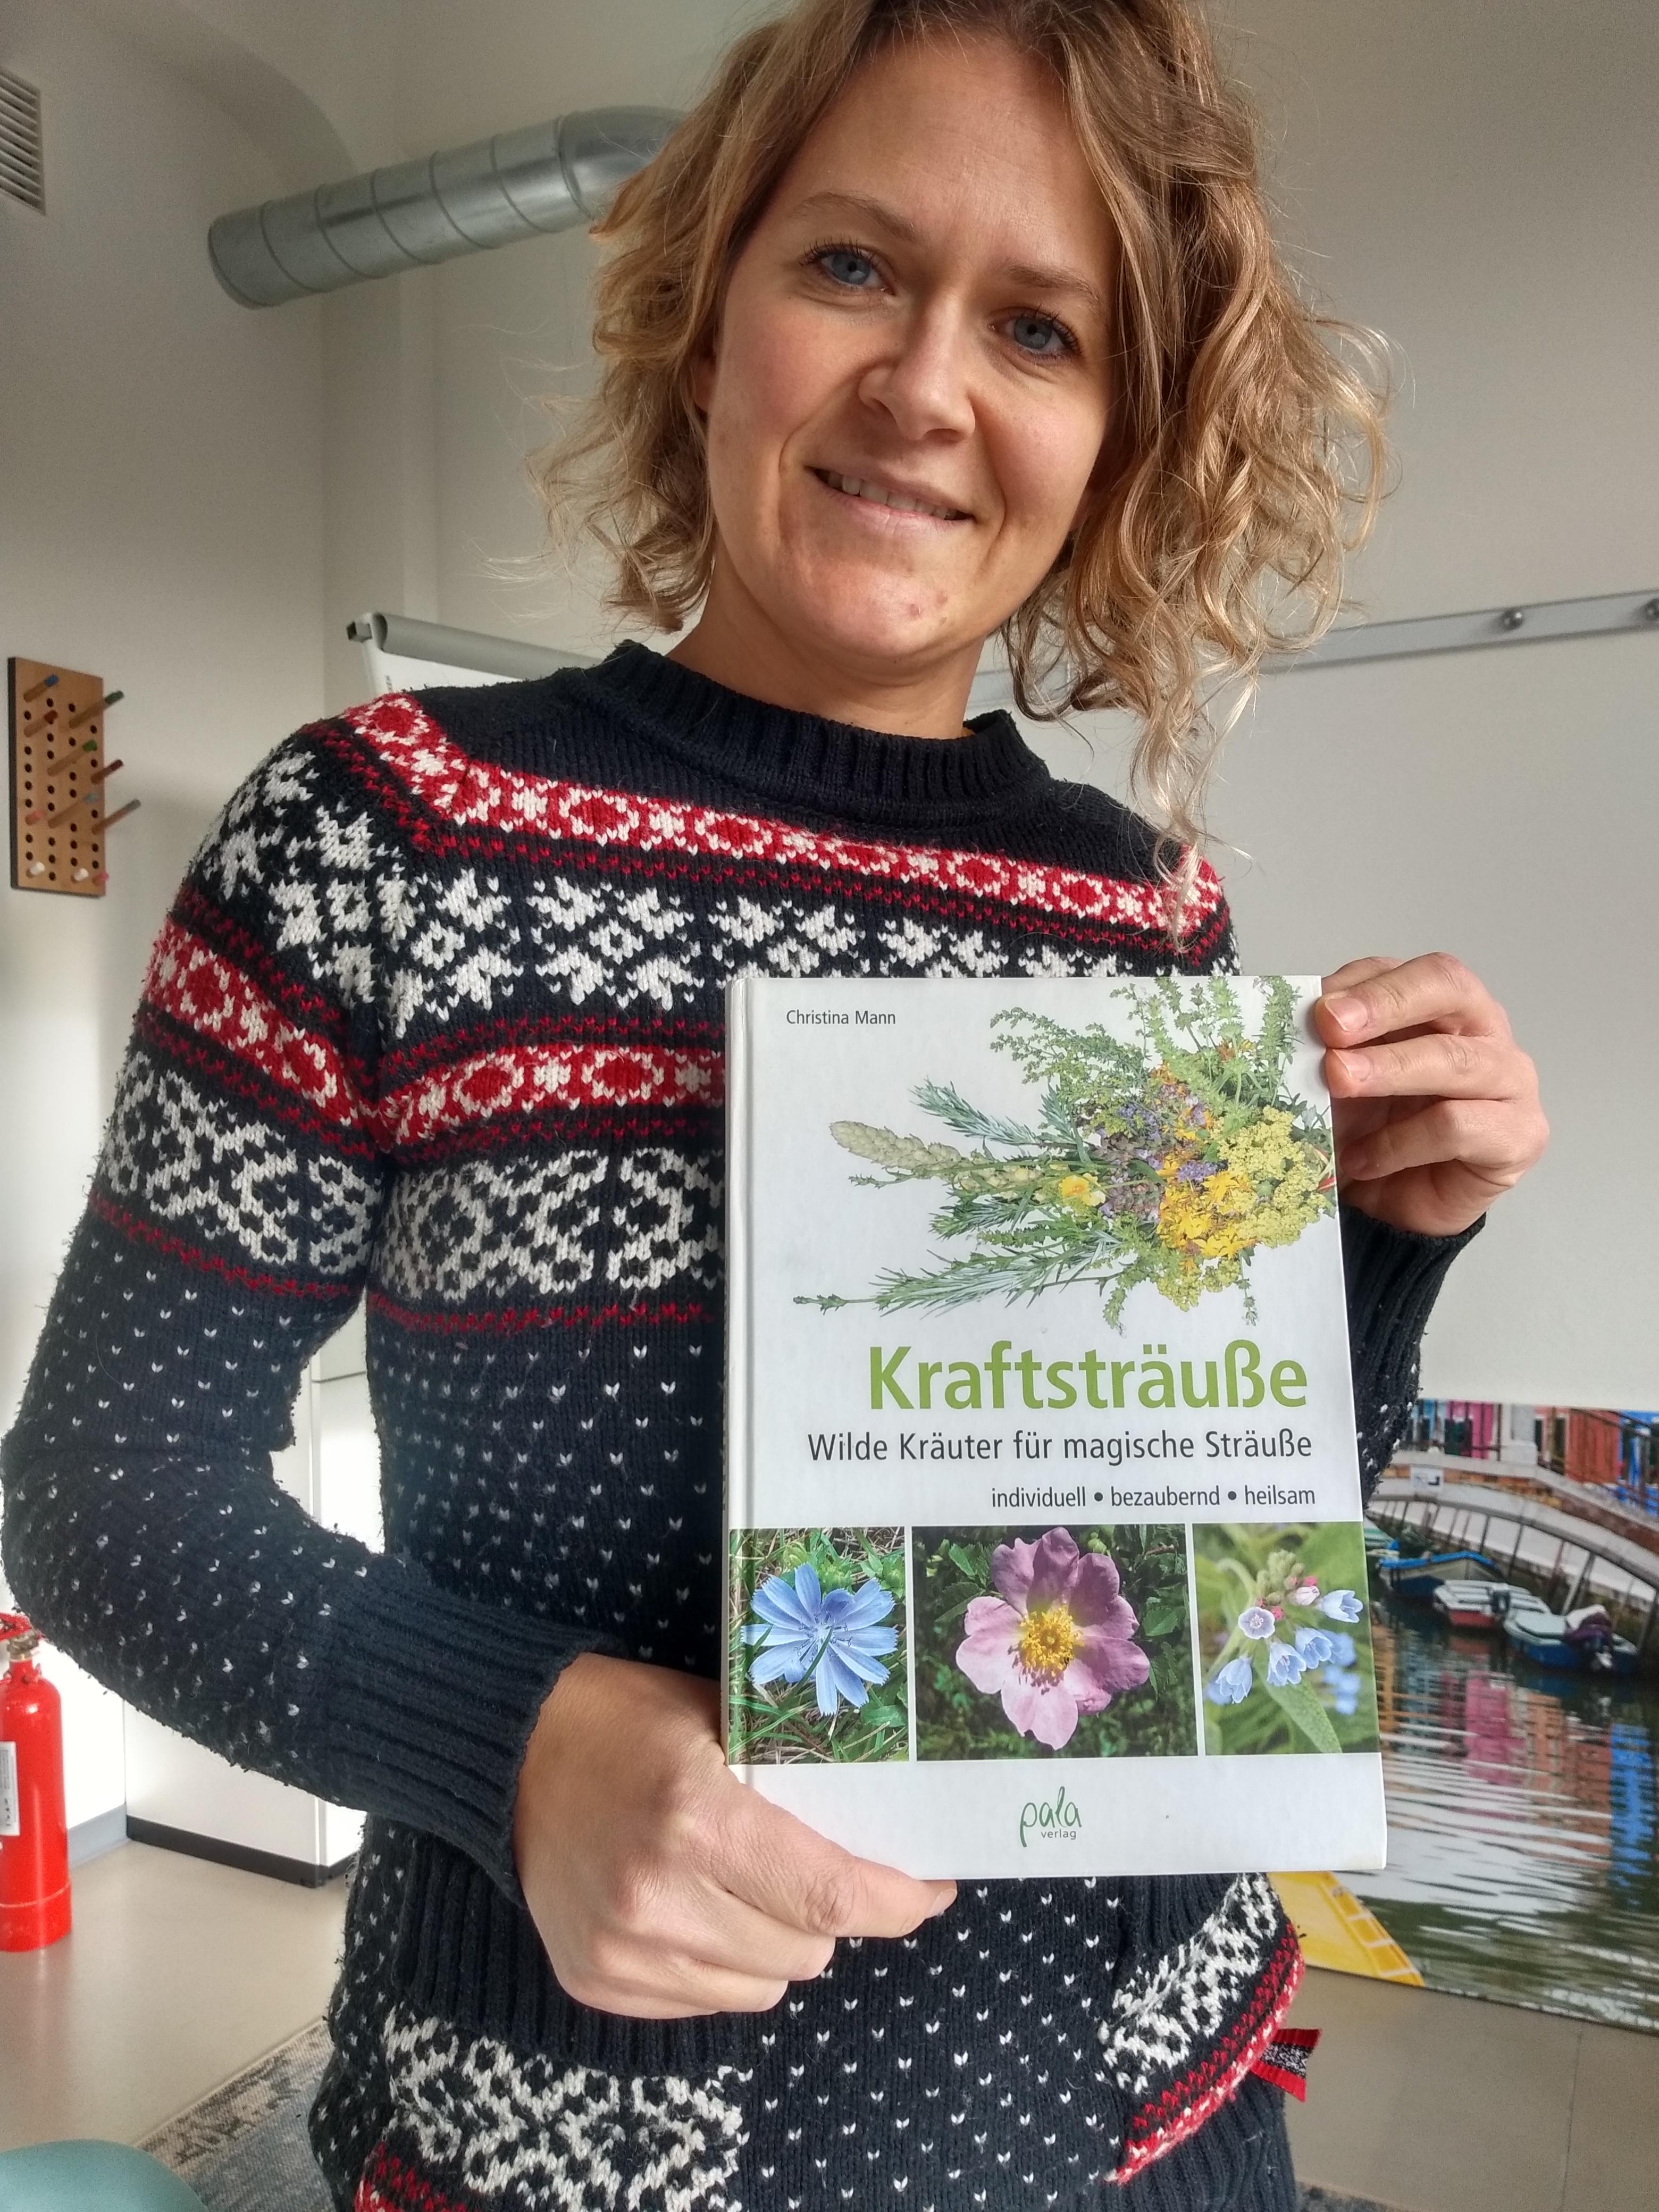 Traurednerin Ingrid mir dem Kraftstrauß-Buch von Christina Mann.